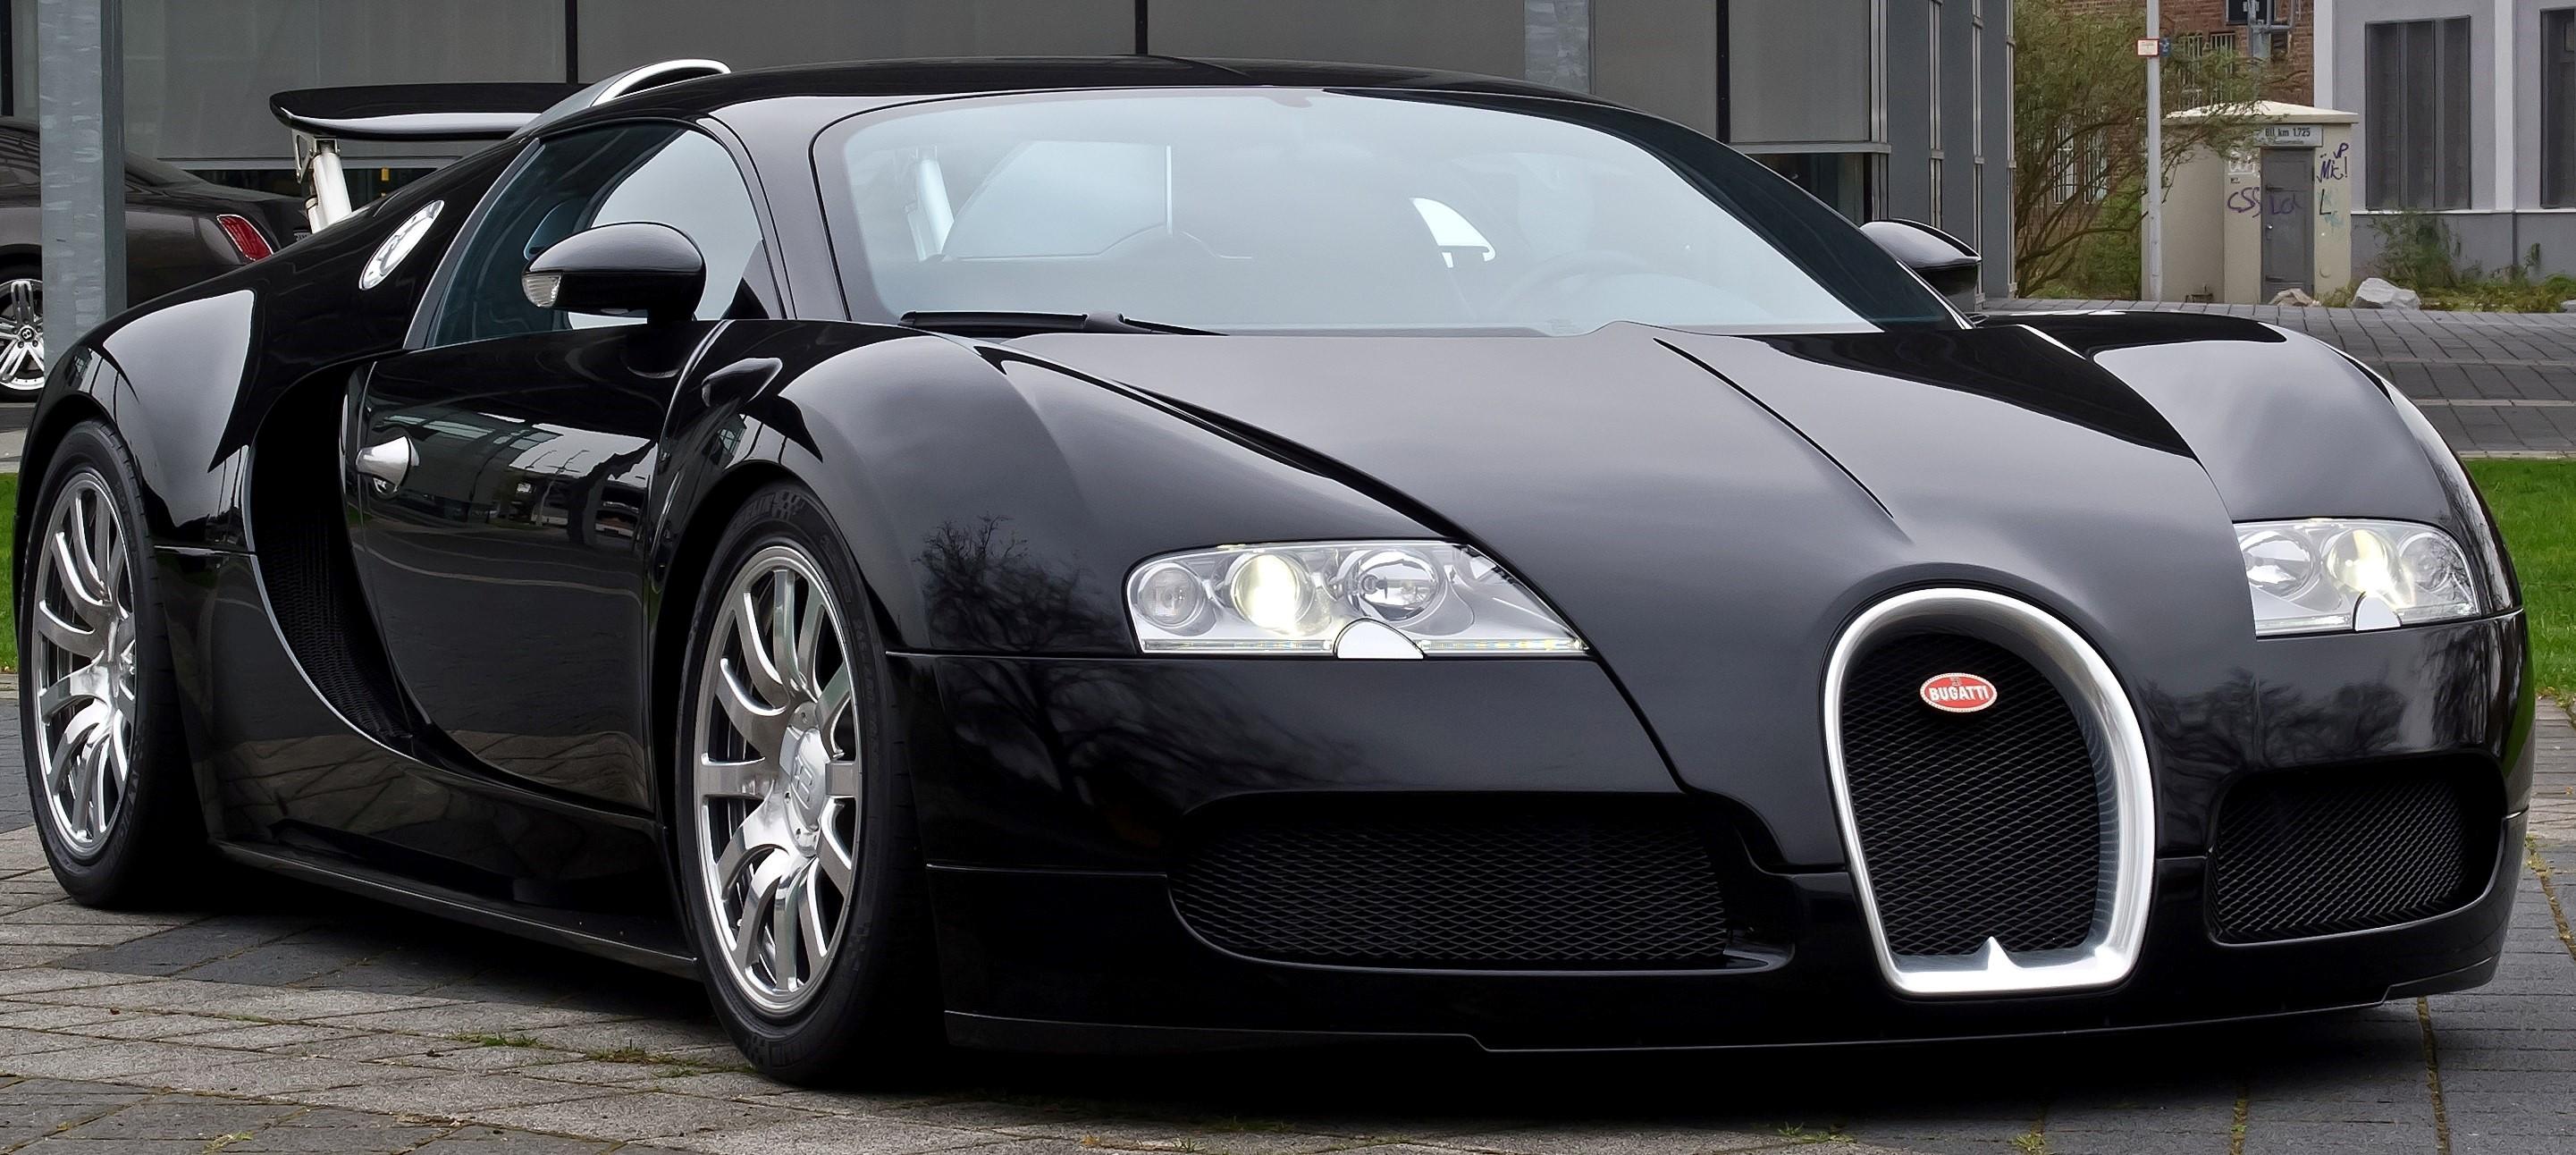 Black Bugatti Wallpaper 44 Free Hd Wallpaper Hdblackwallpaper Com